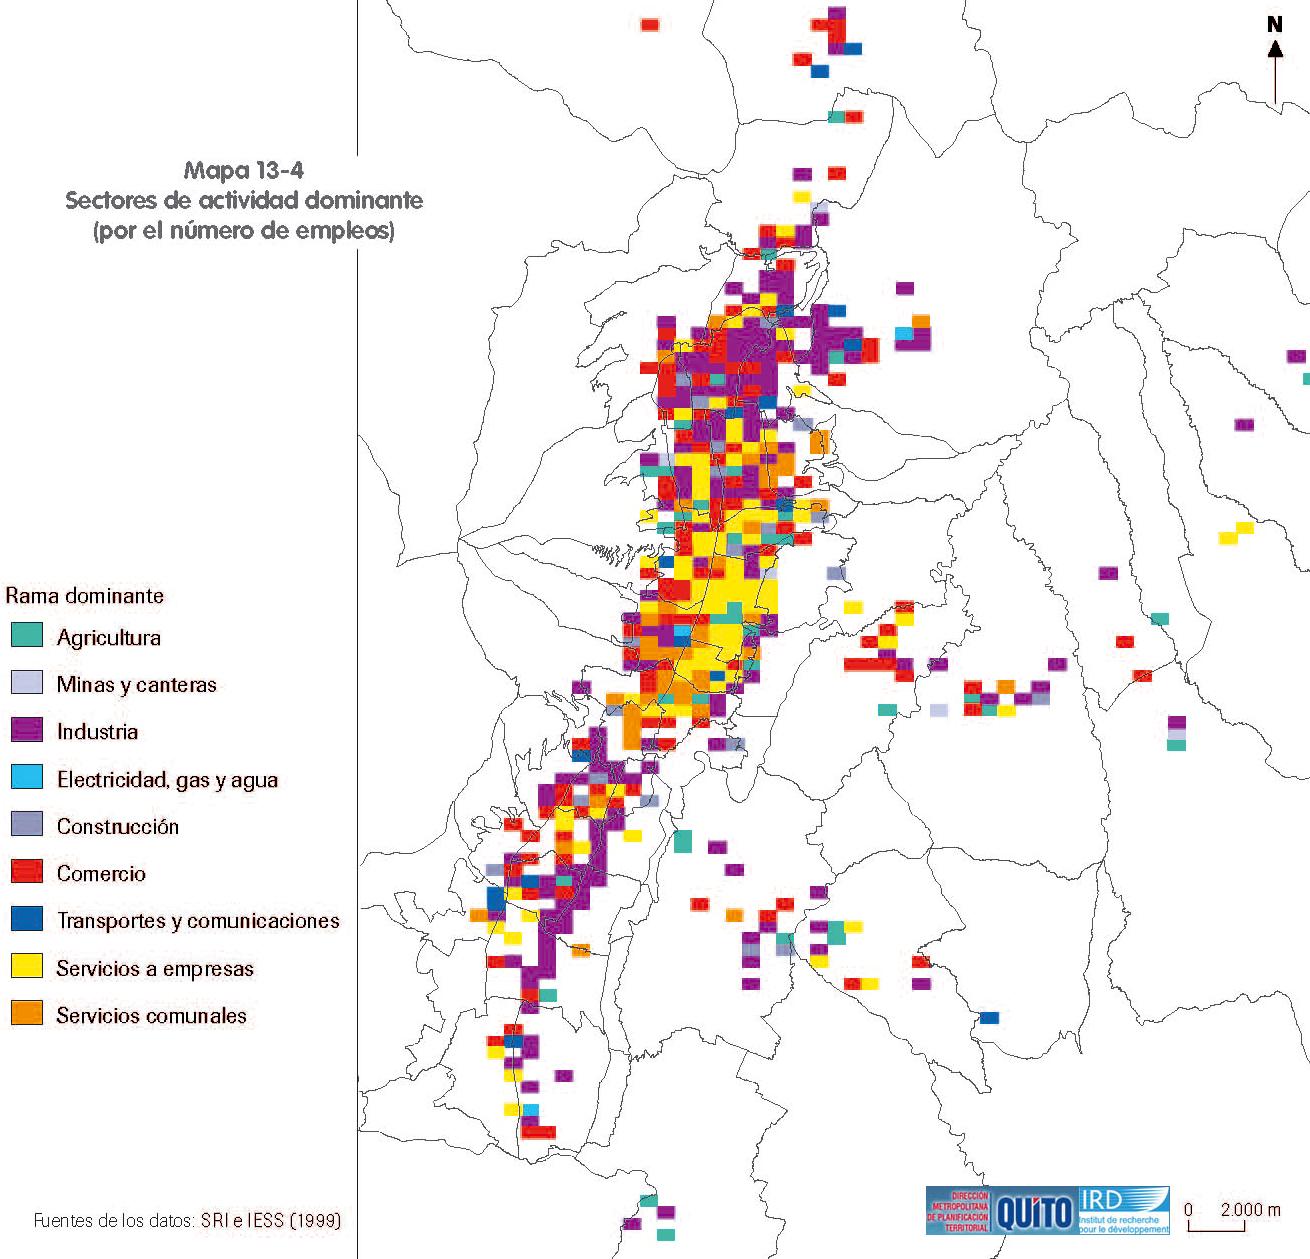 Mapa de Sectores de actividad económica dominante en el Distrito Metropolitano de Quito 1999